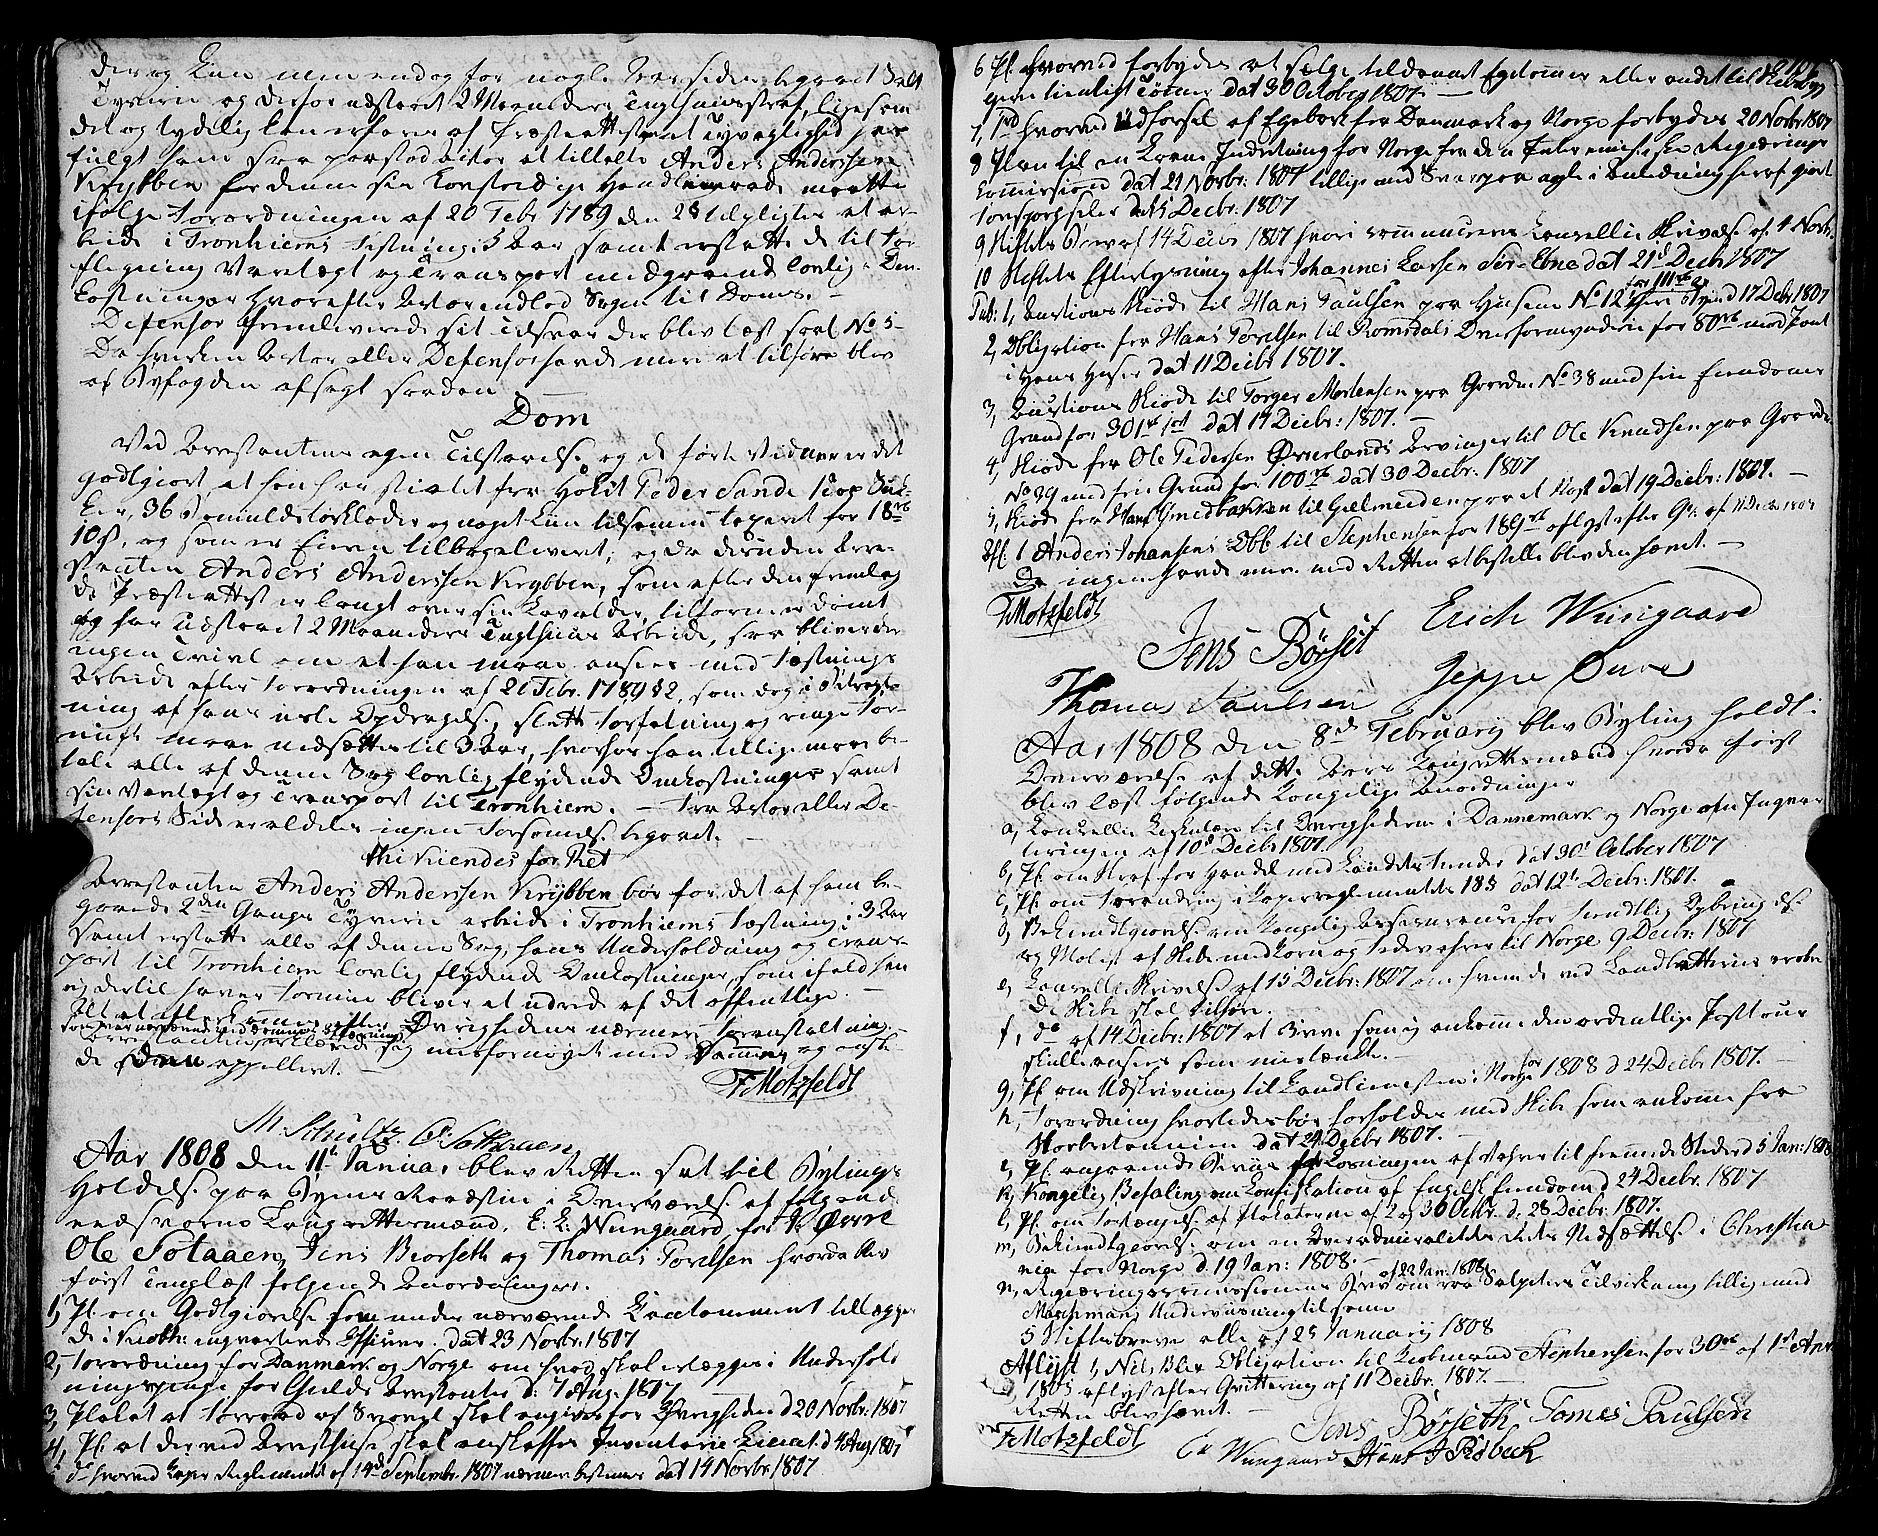 SAT, Molde byfogd, 1/1A/L0002: Justisprotokoll, 1797-1831, s. 106b-107a